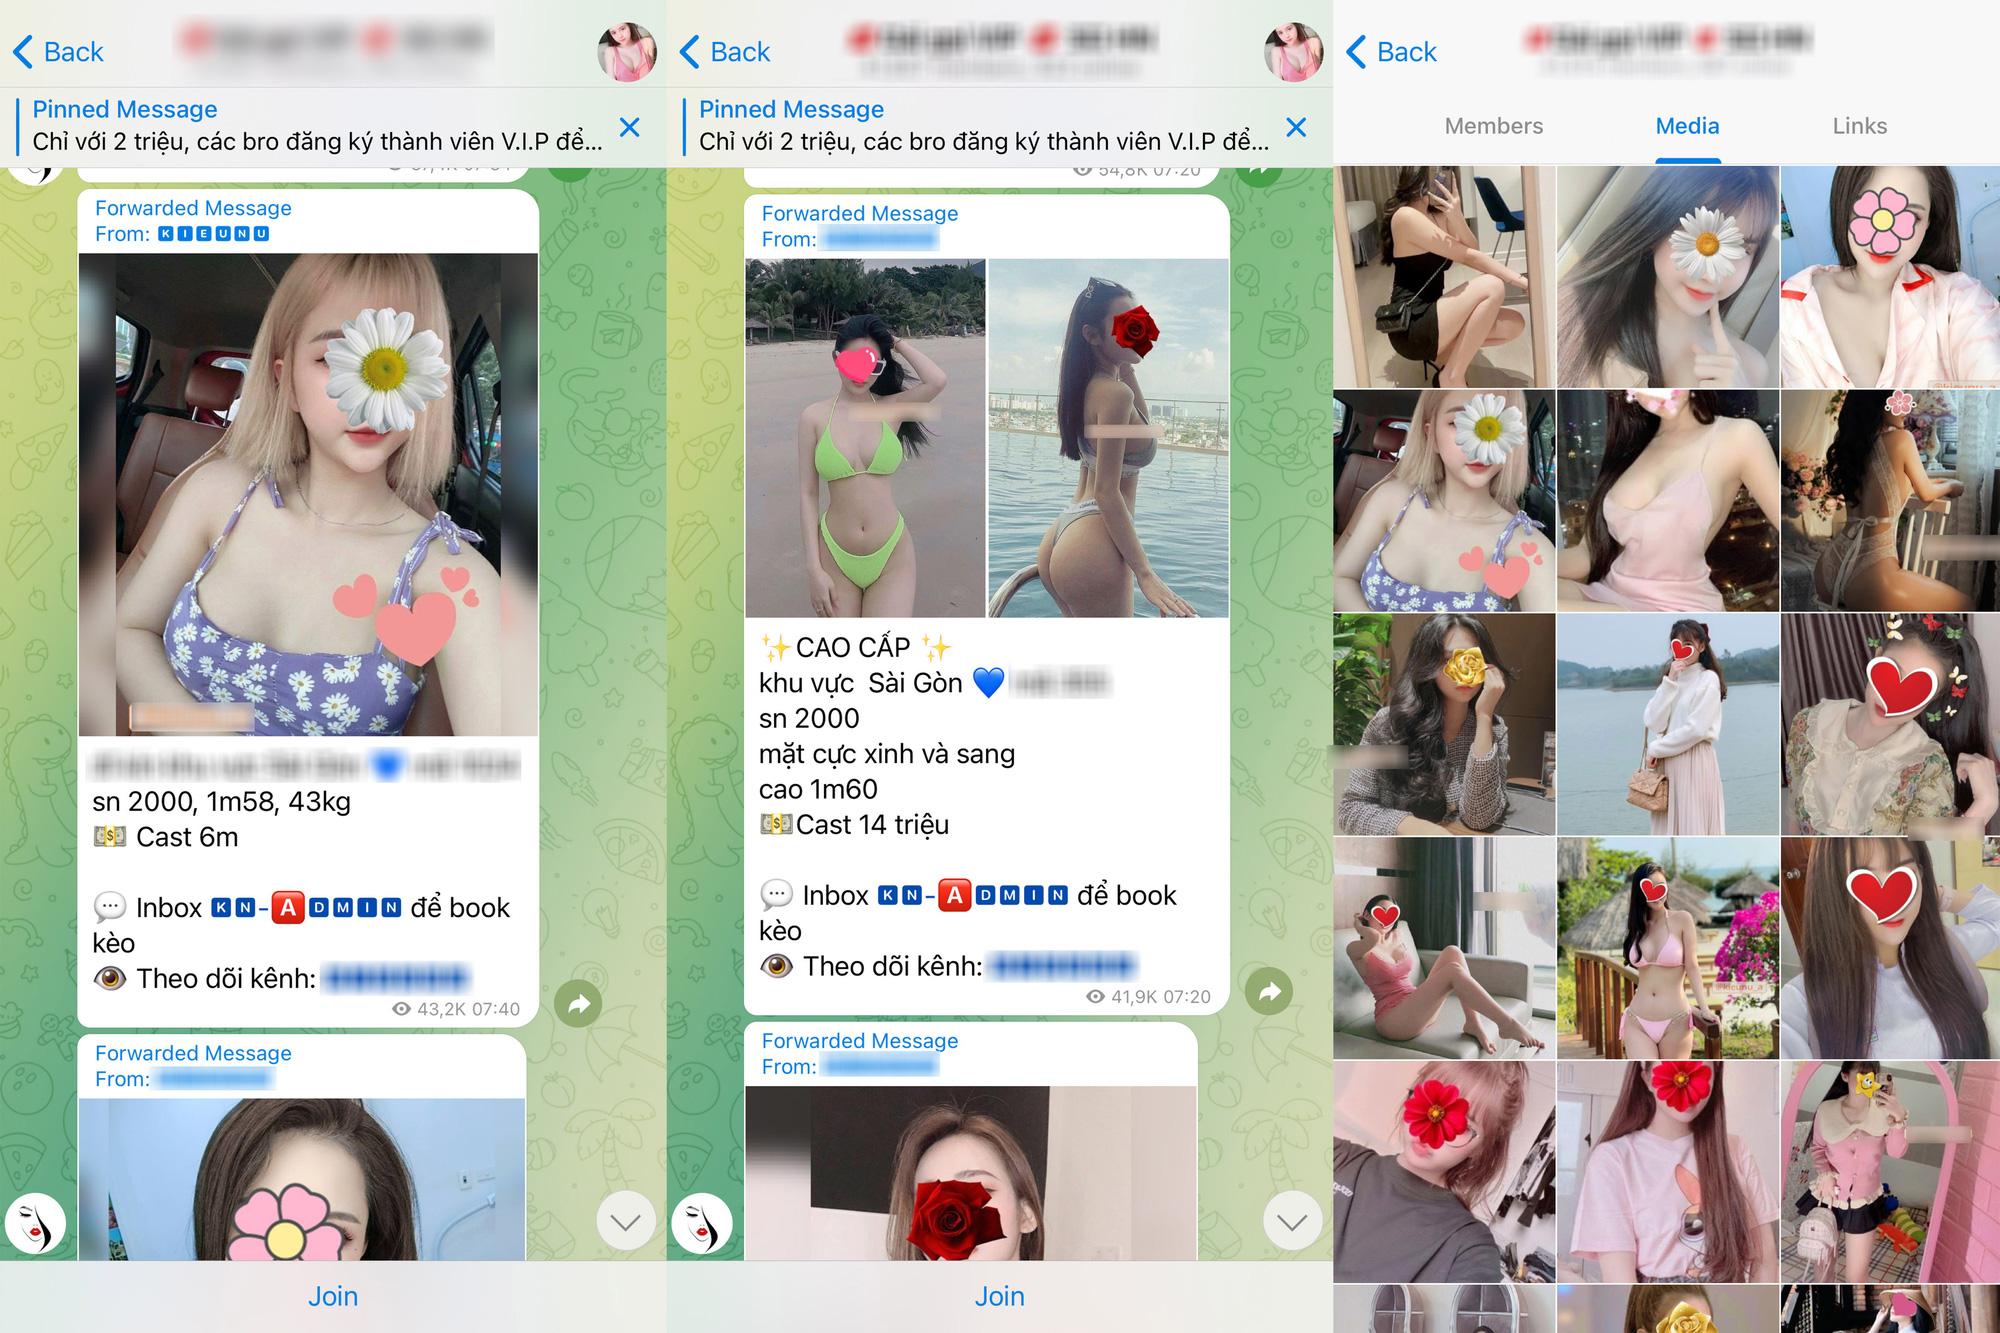 Telegram trở thành ổ chứa mại dâm tại Việt Nam - Ảnh 2.